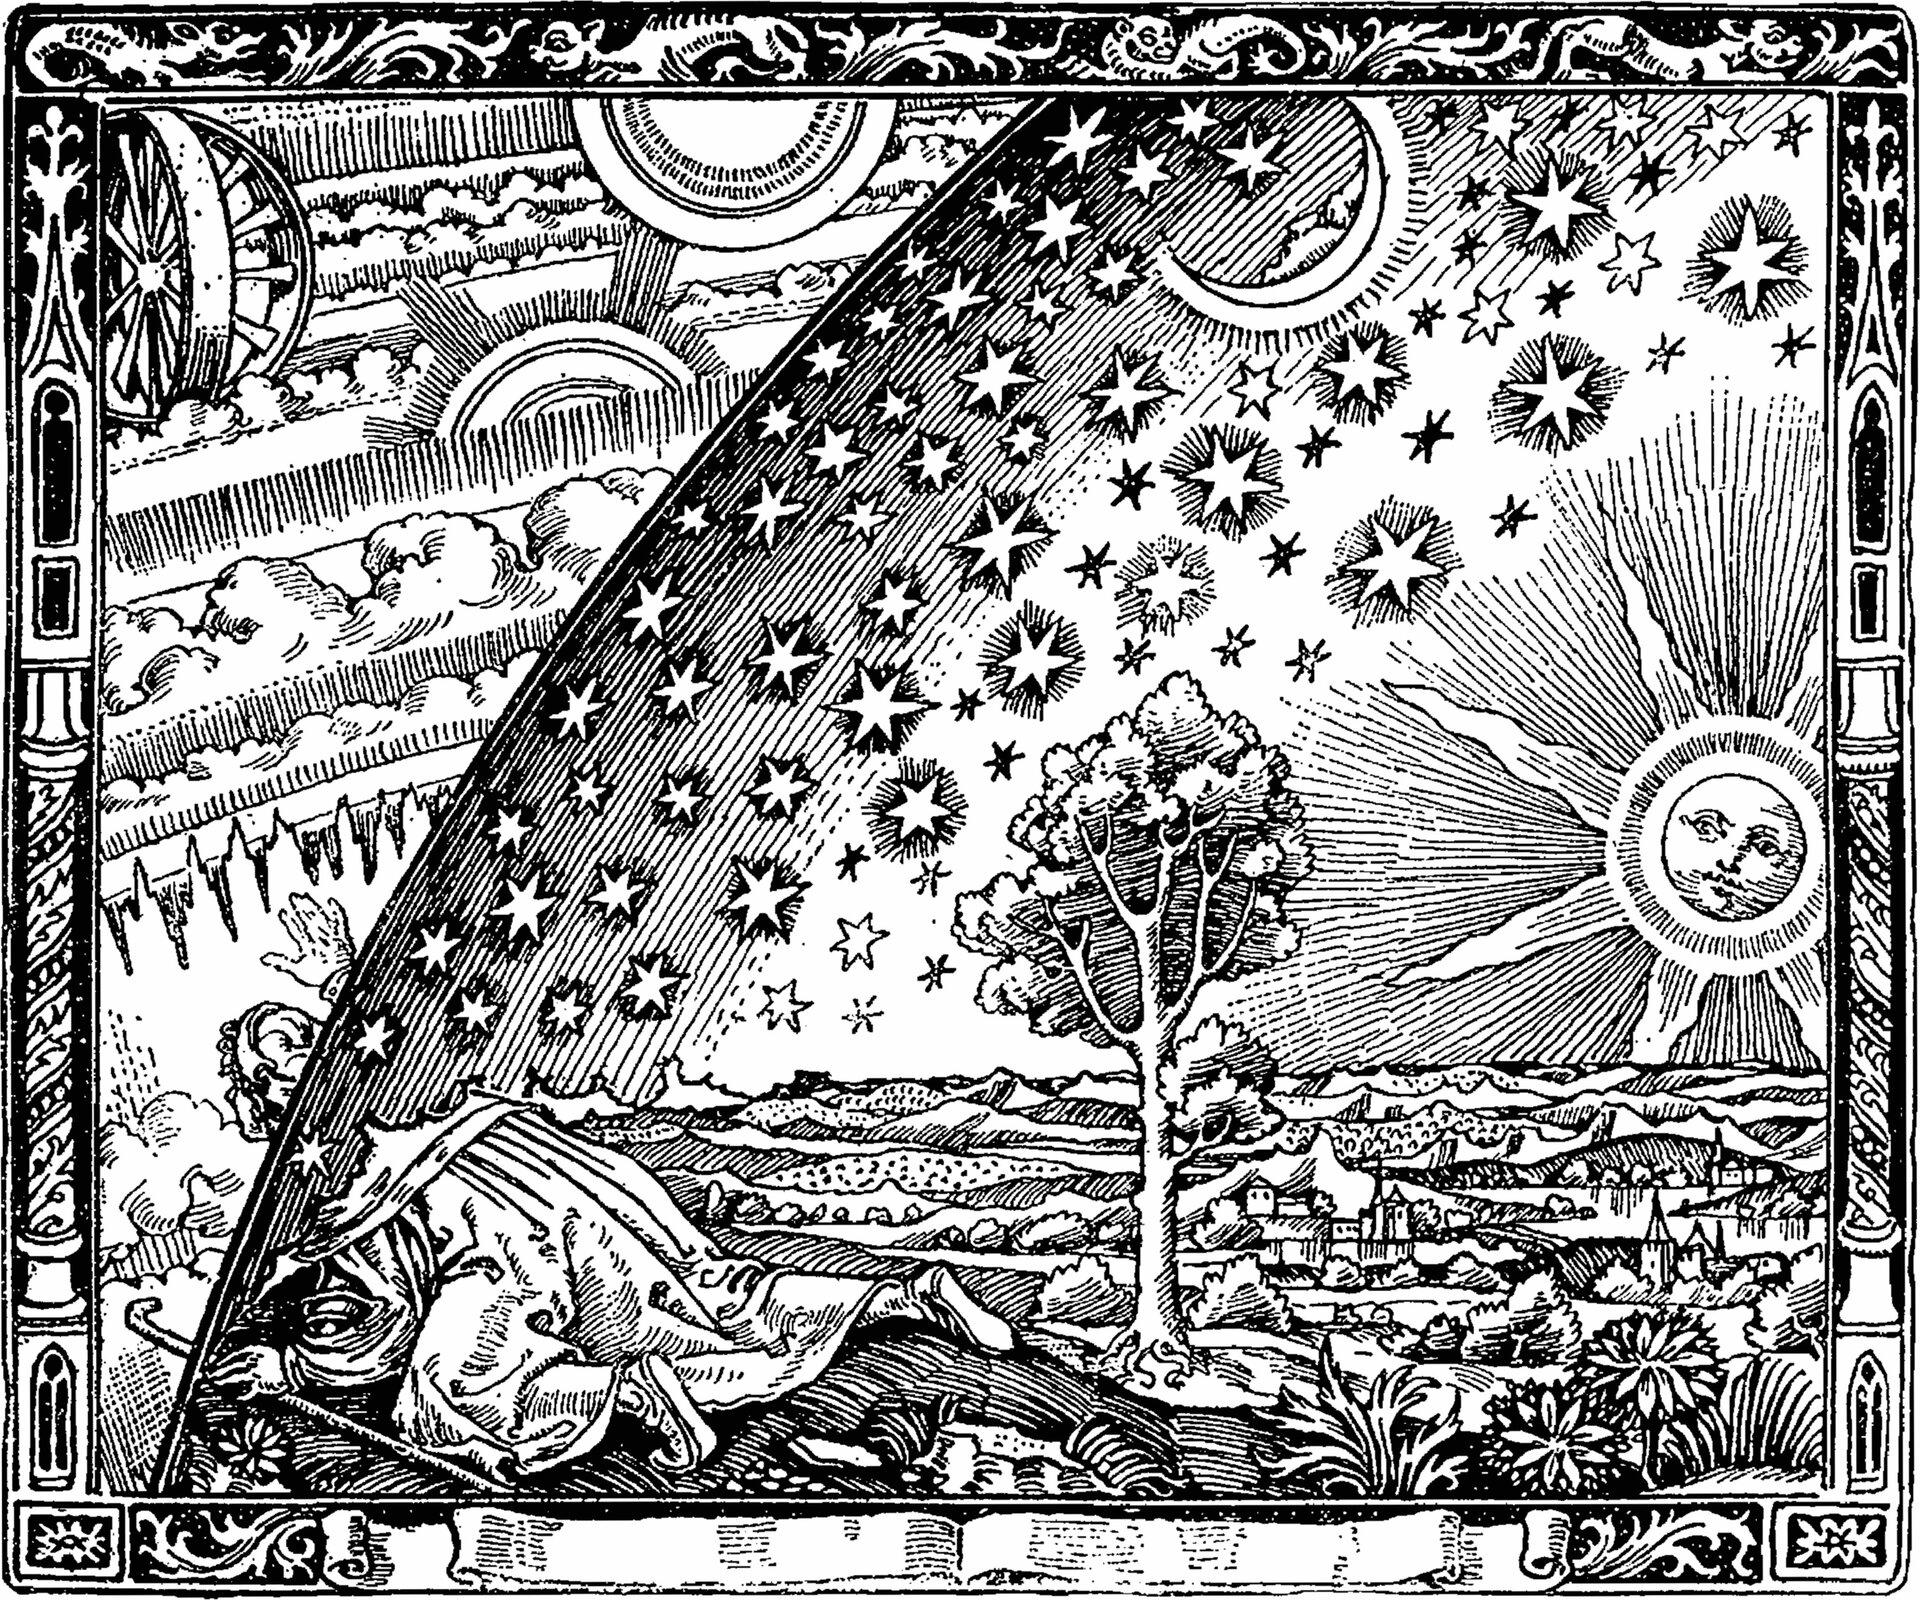 Ilustracja, to kopia drzeworytu przedstawiającego dawne wyobrażenie świata. Wprawym dolnym rogu ilustracji znajduje się płaska powierzchnia Ziemi nad którą wznosi się Słońce. Powierzchnia Ziemi przykryta jest kopułą sklepienia niebieskiego, na którym narysowano gwiazdy iksiężyc. Po lewej stronie ilustracji przez kopułę sklepienia wystawia głowę człowiek iwidzi wszechświat zplanetami ichmurami.